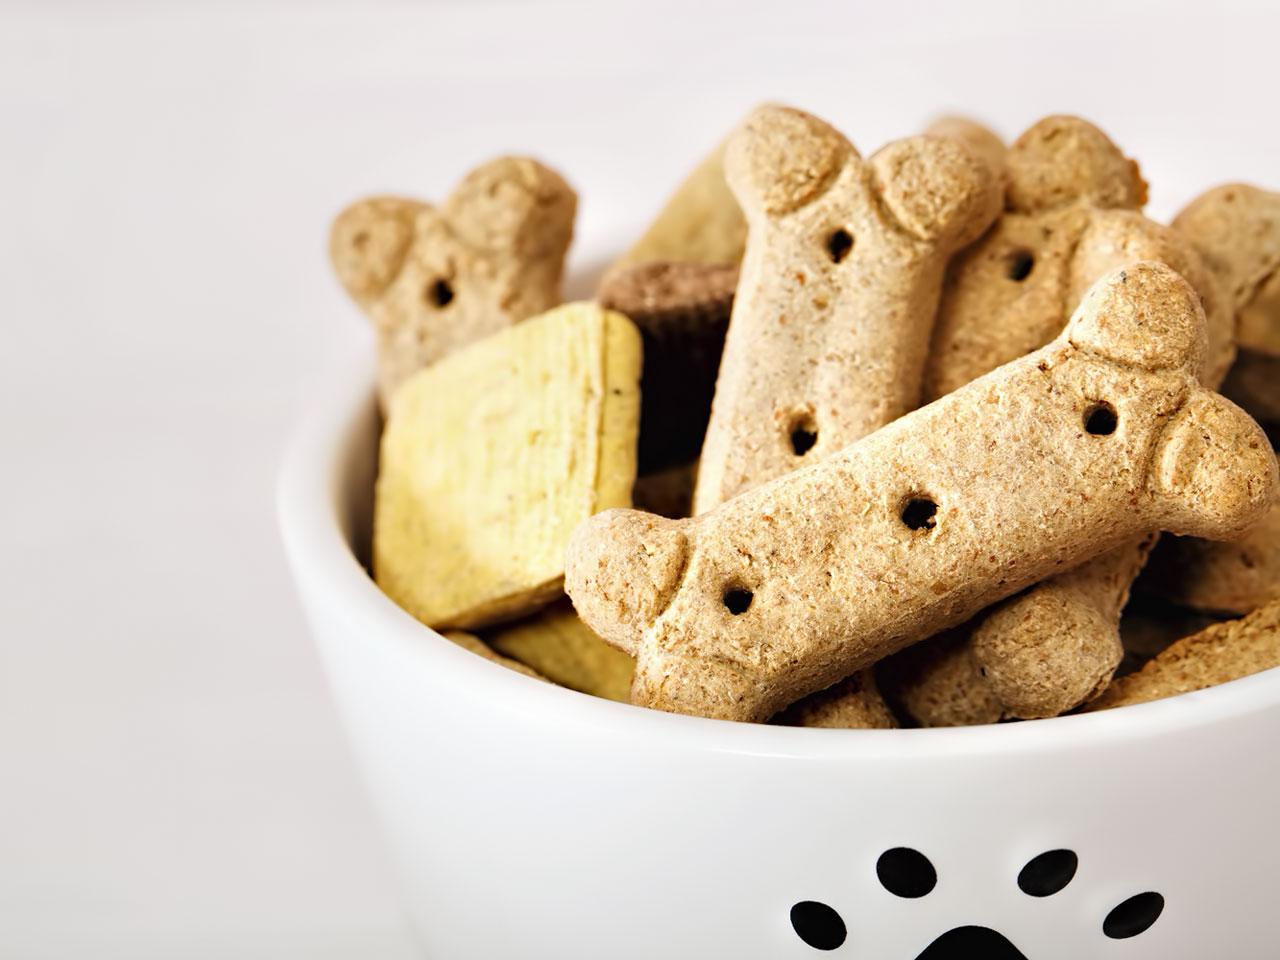 Hundesnacks in einem Fressnapf